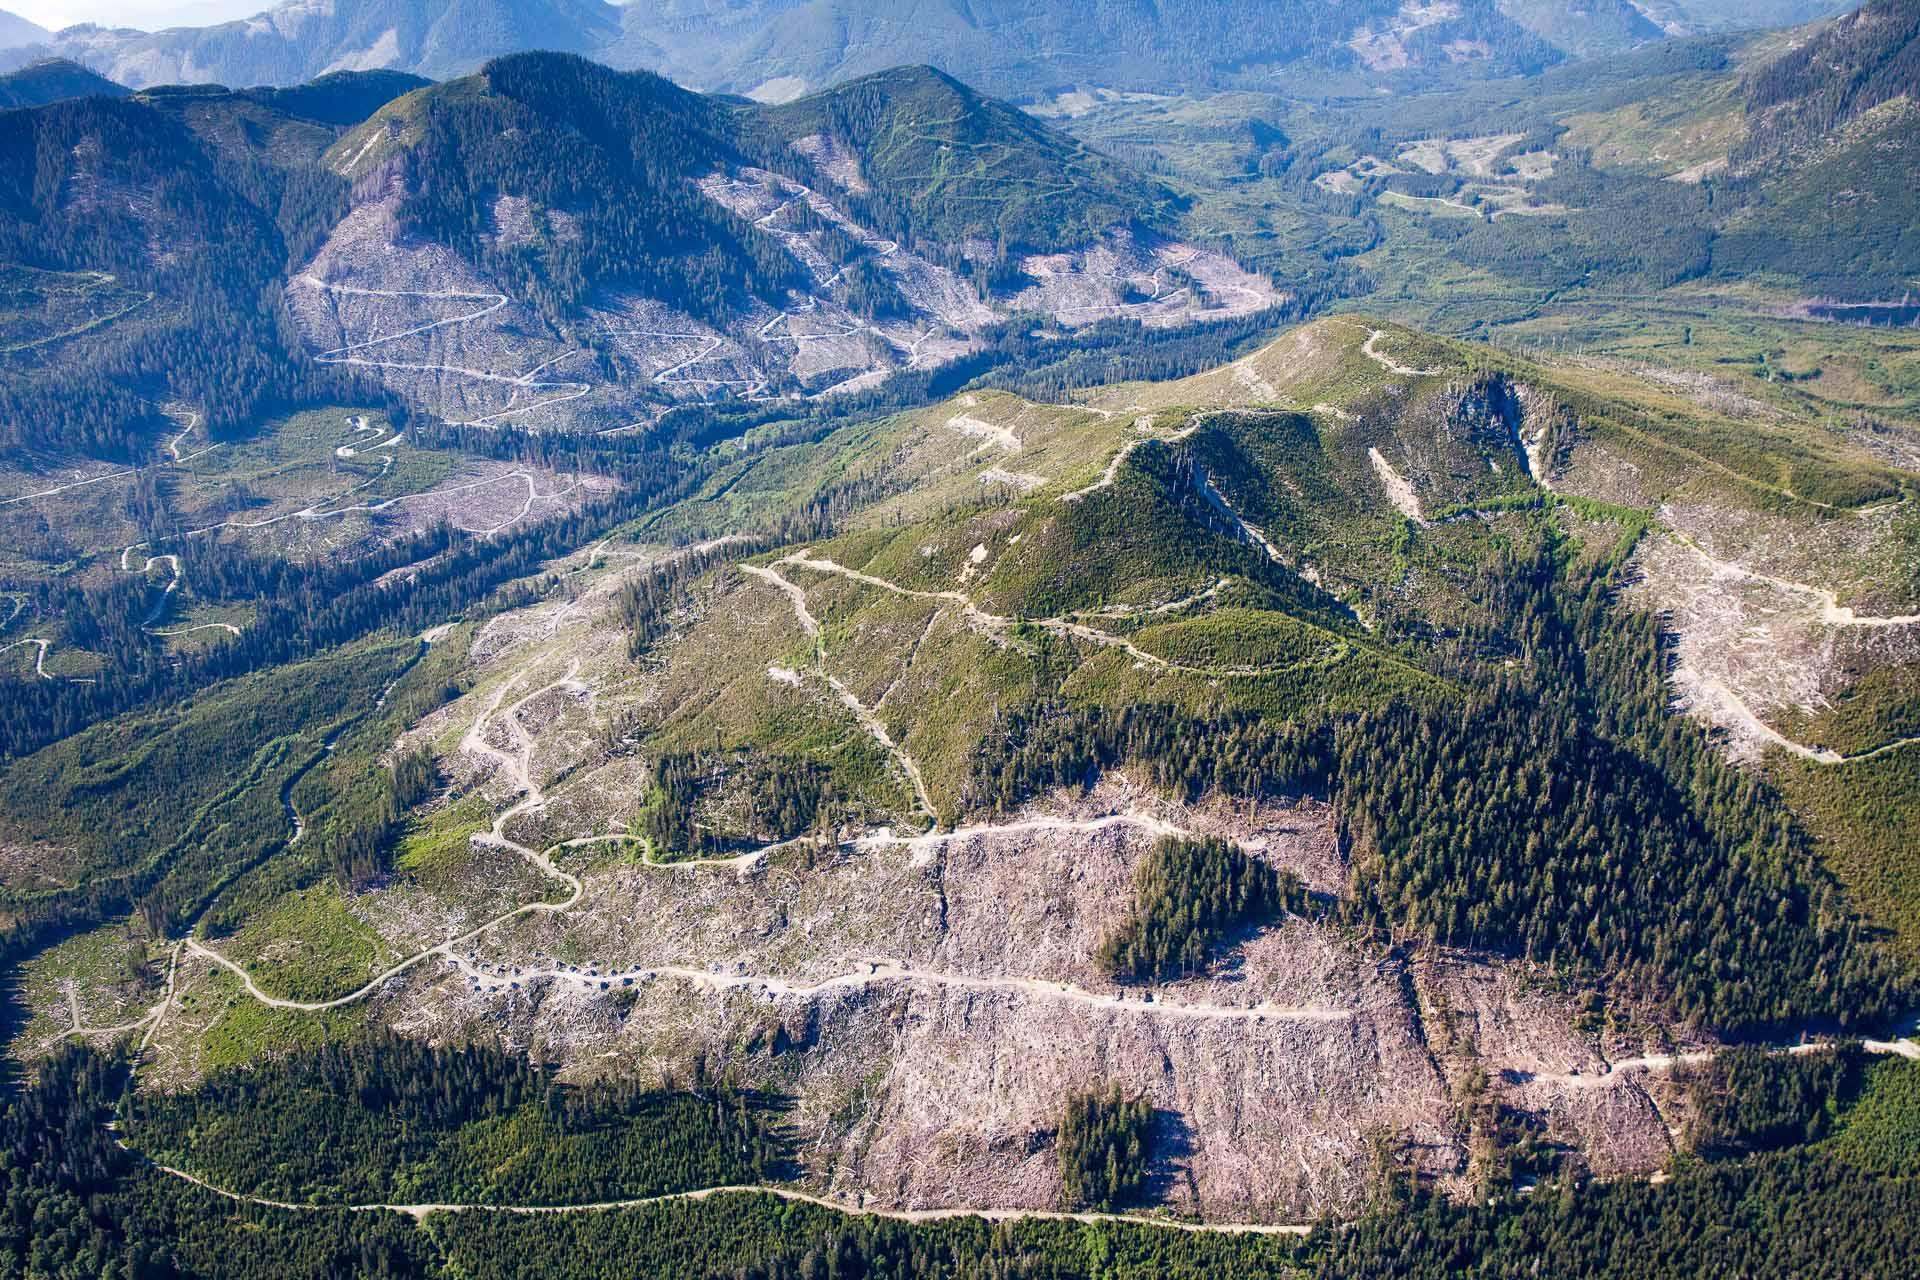 klanawa-clearcut-logging-tfl-44.jpg